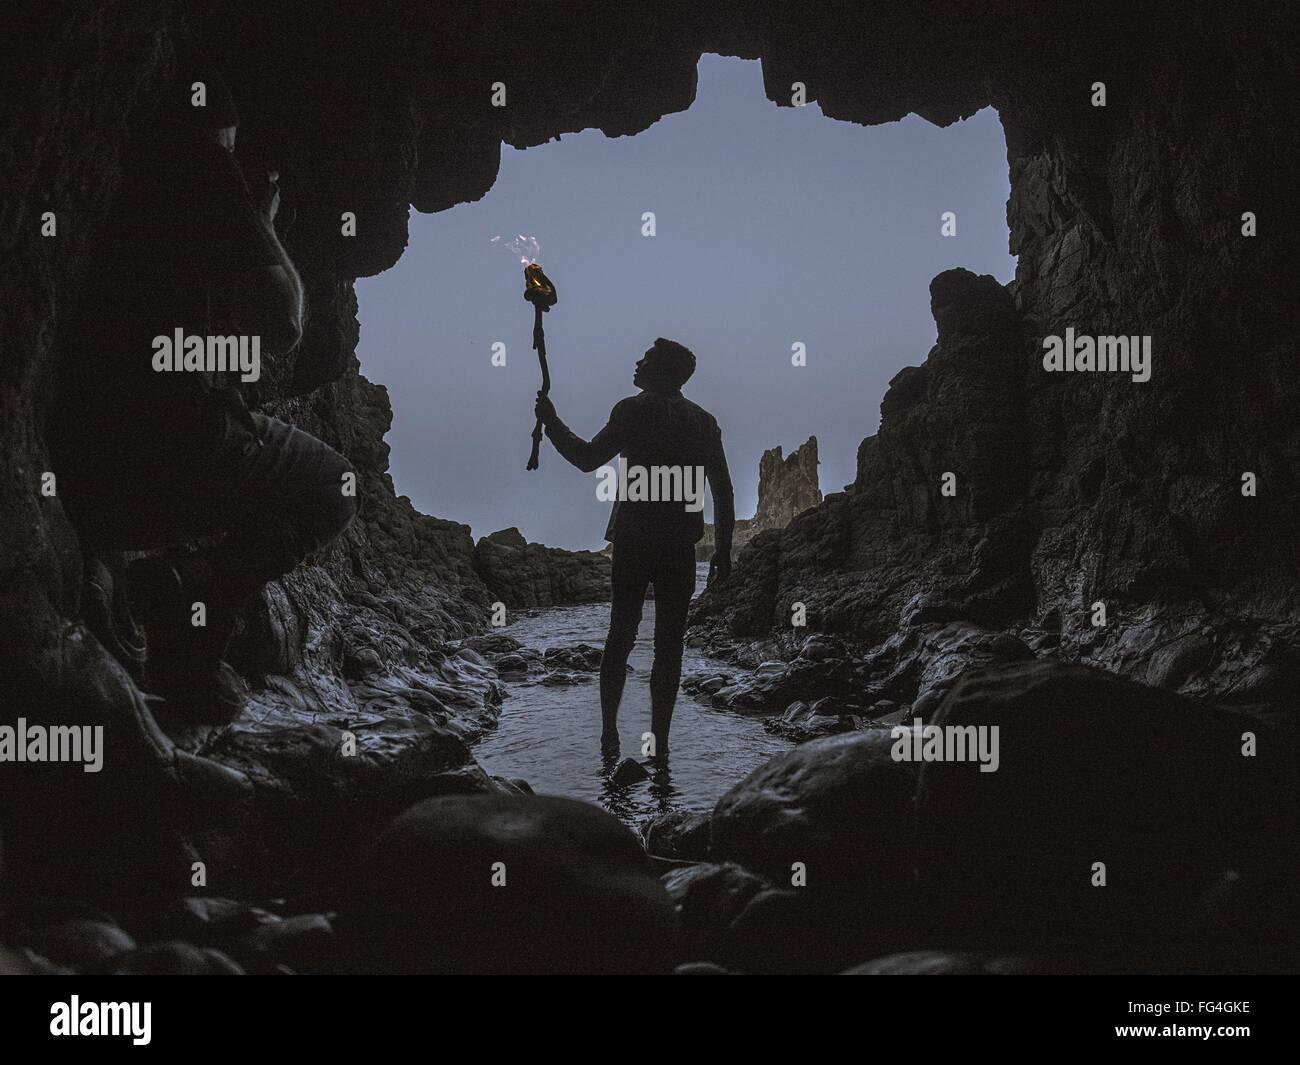 Hombre con antorchas caminando en una cueva. Imagen De Stock